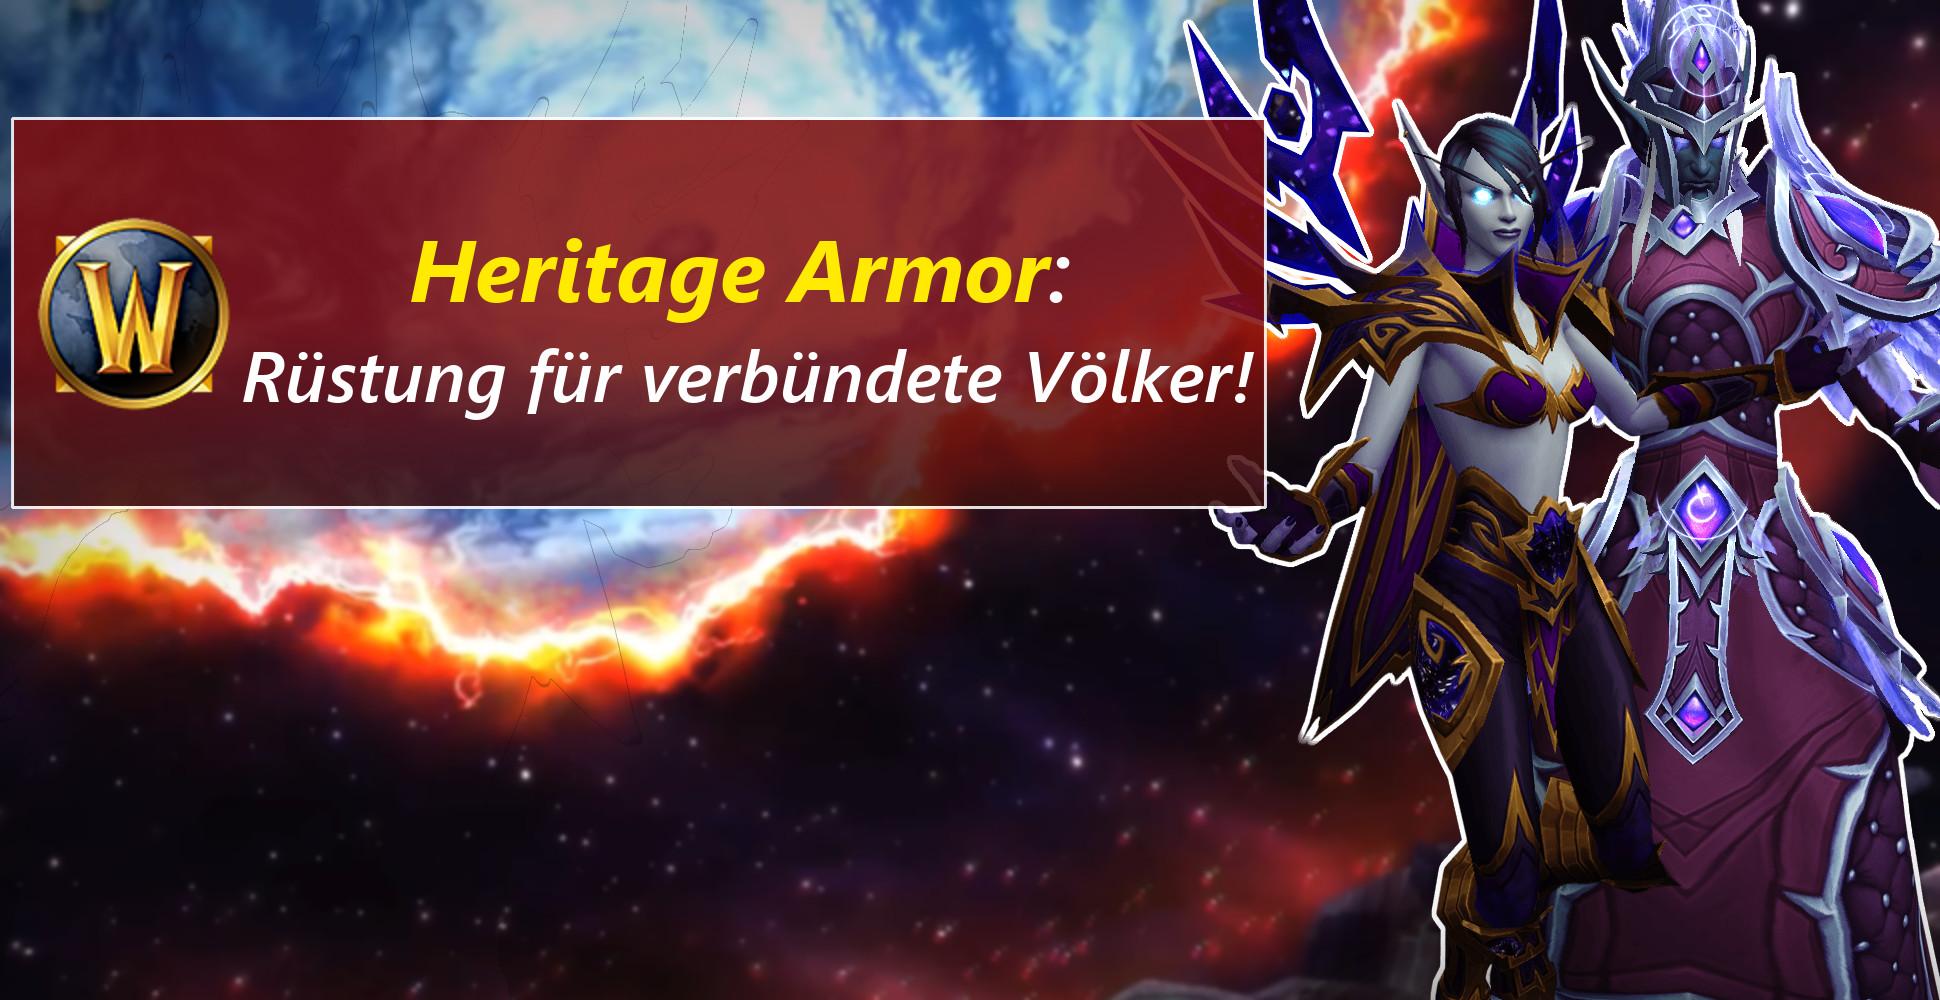 """WoW: Die """"Heritage Armor"""" der 6 neuen Rassen – So bekommt Ihr sie"""